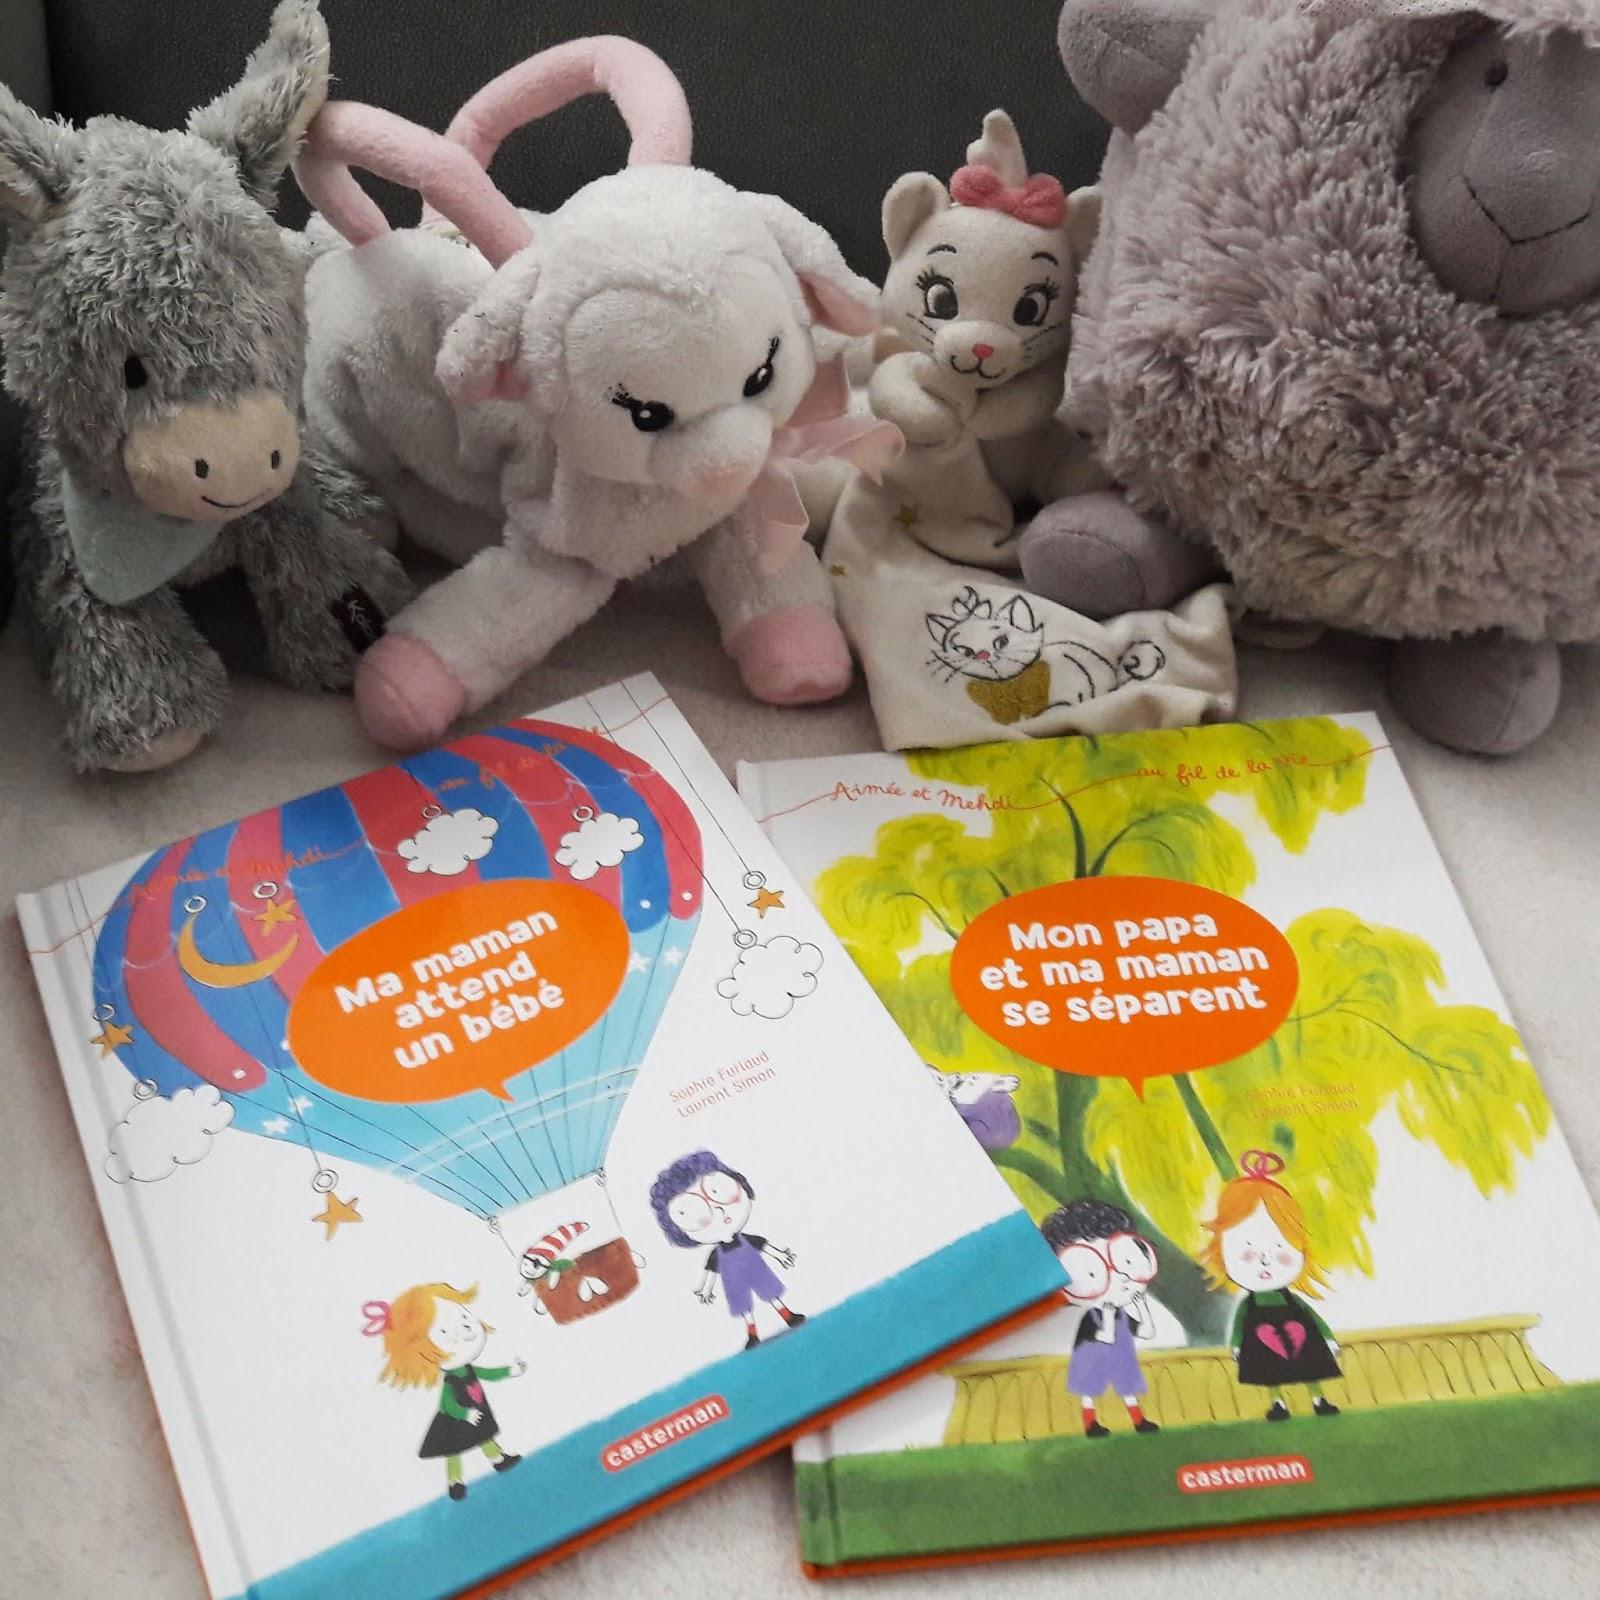 Aimée et Mehdi au fil de la vie : une nouvelle collection pour accompagner les enfants dans les changements de la vie